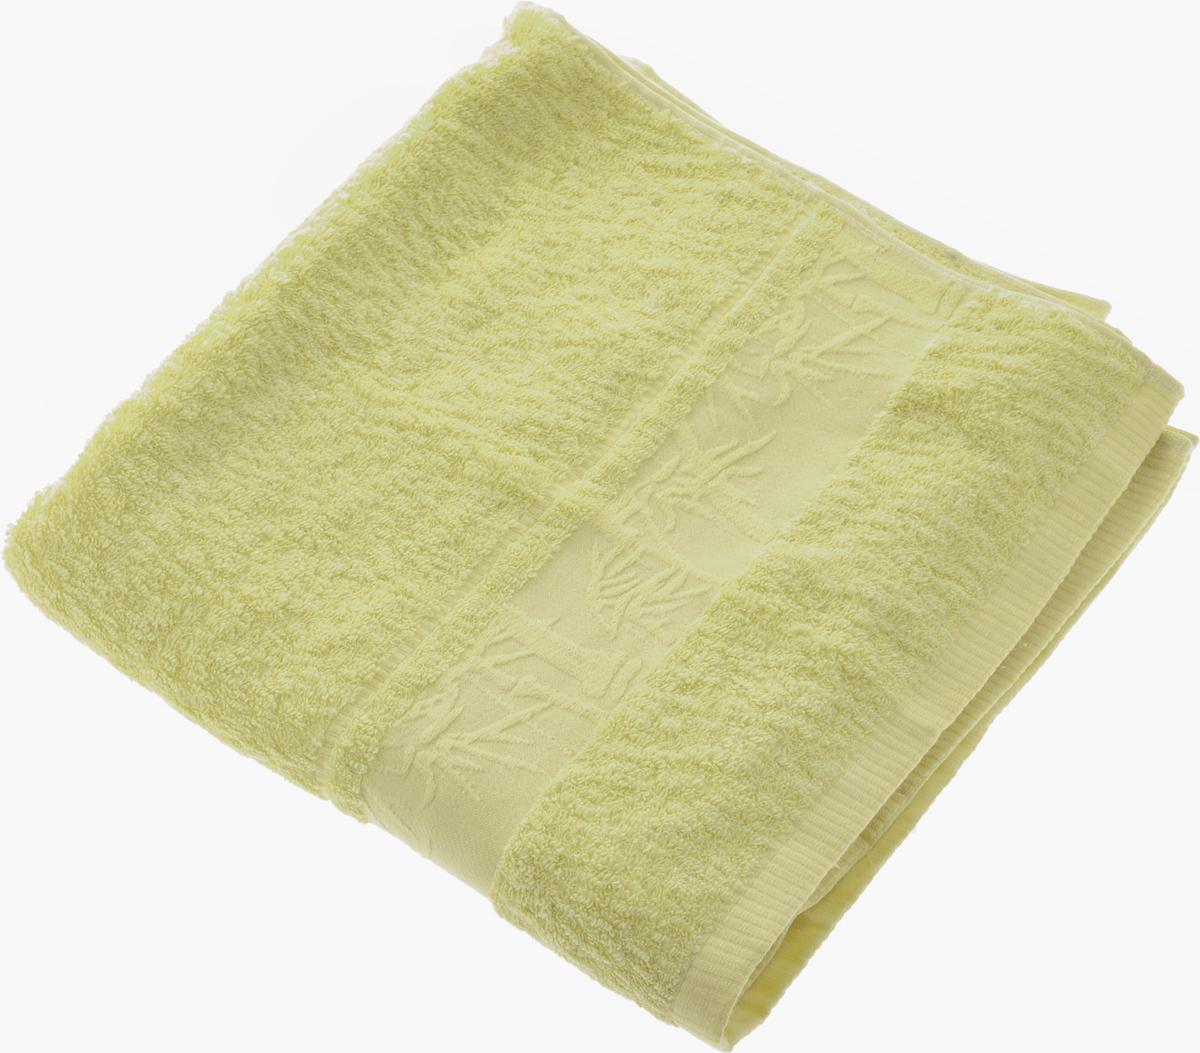 Полотенце Soavita Chloe, цвет: светло-зеленый, 30 х 70 см64156Полотенце Soavita Chloe выполнено из 100% бамбукового волокна. Изделие отлично впитывает влагу, быстро сохнет, сохраняет яркость цвета и не теряет форму даже после многократных стирок. Полотенце очень практично и неприхотливо в уходе. Оно создаст прекрасное настроение и украсит интерьер в ванной комнате.